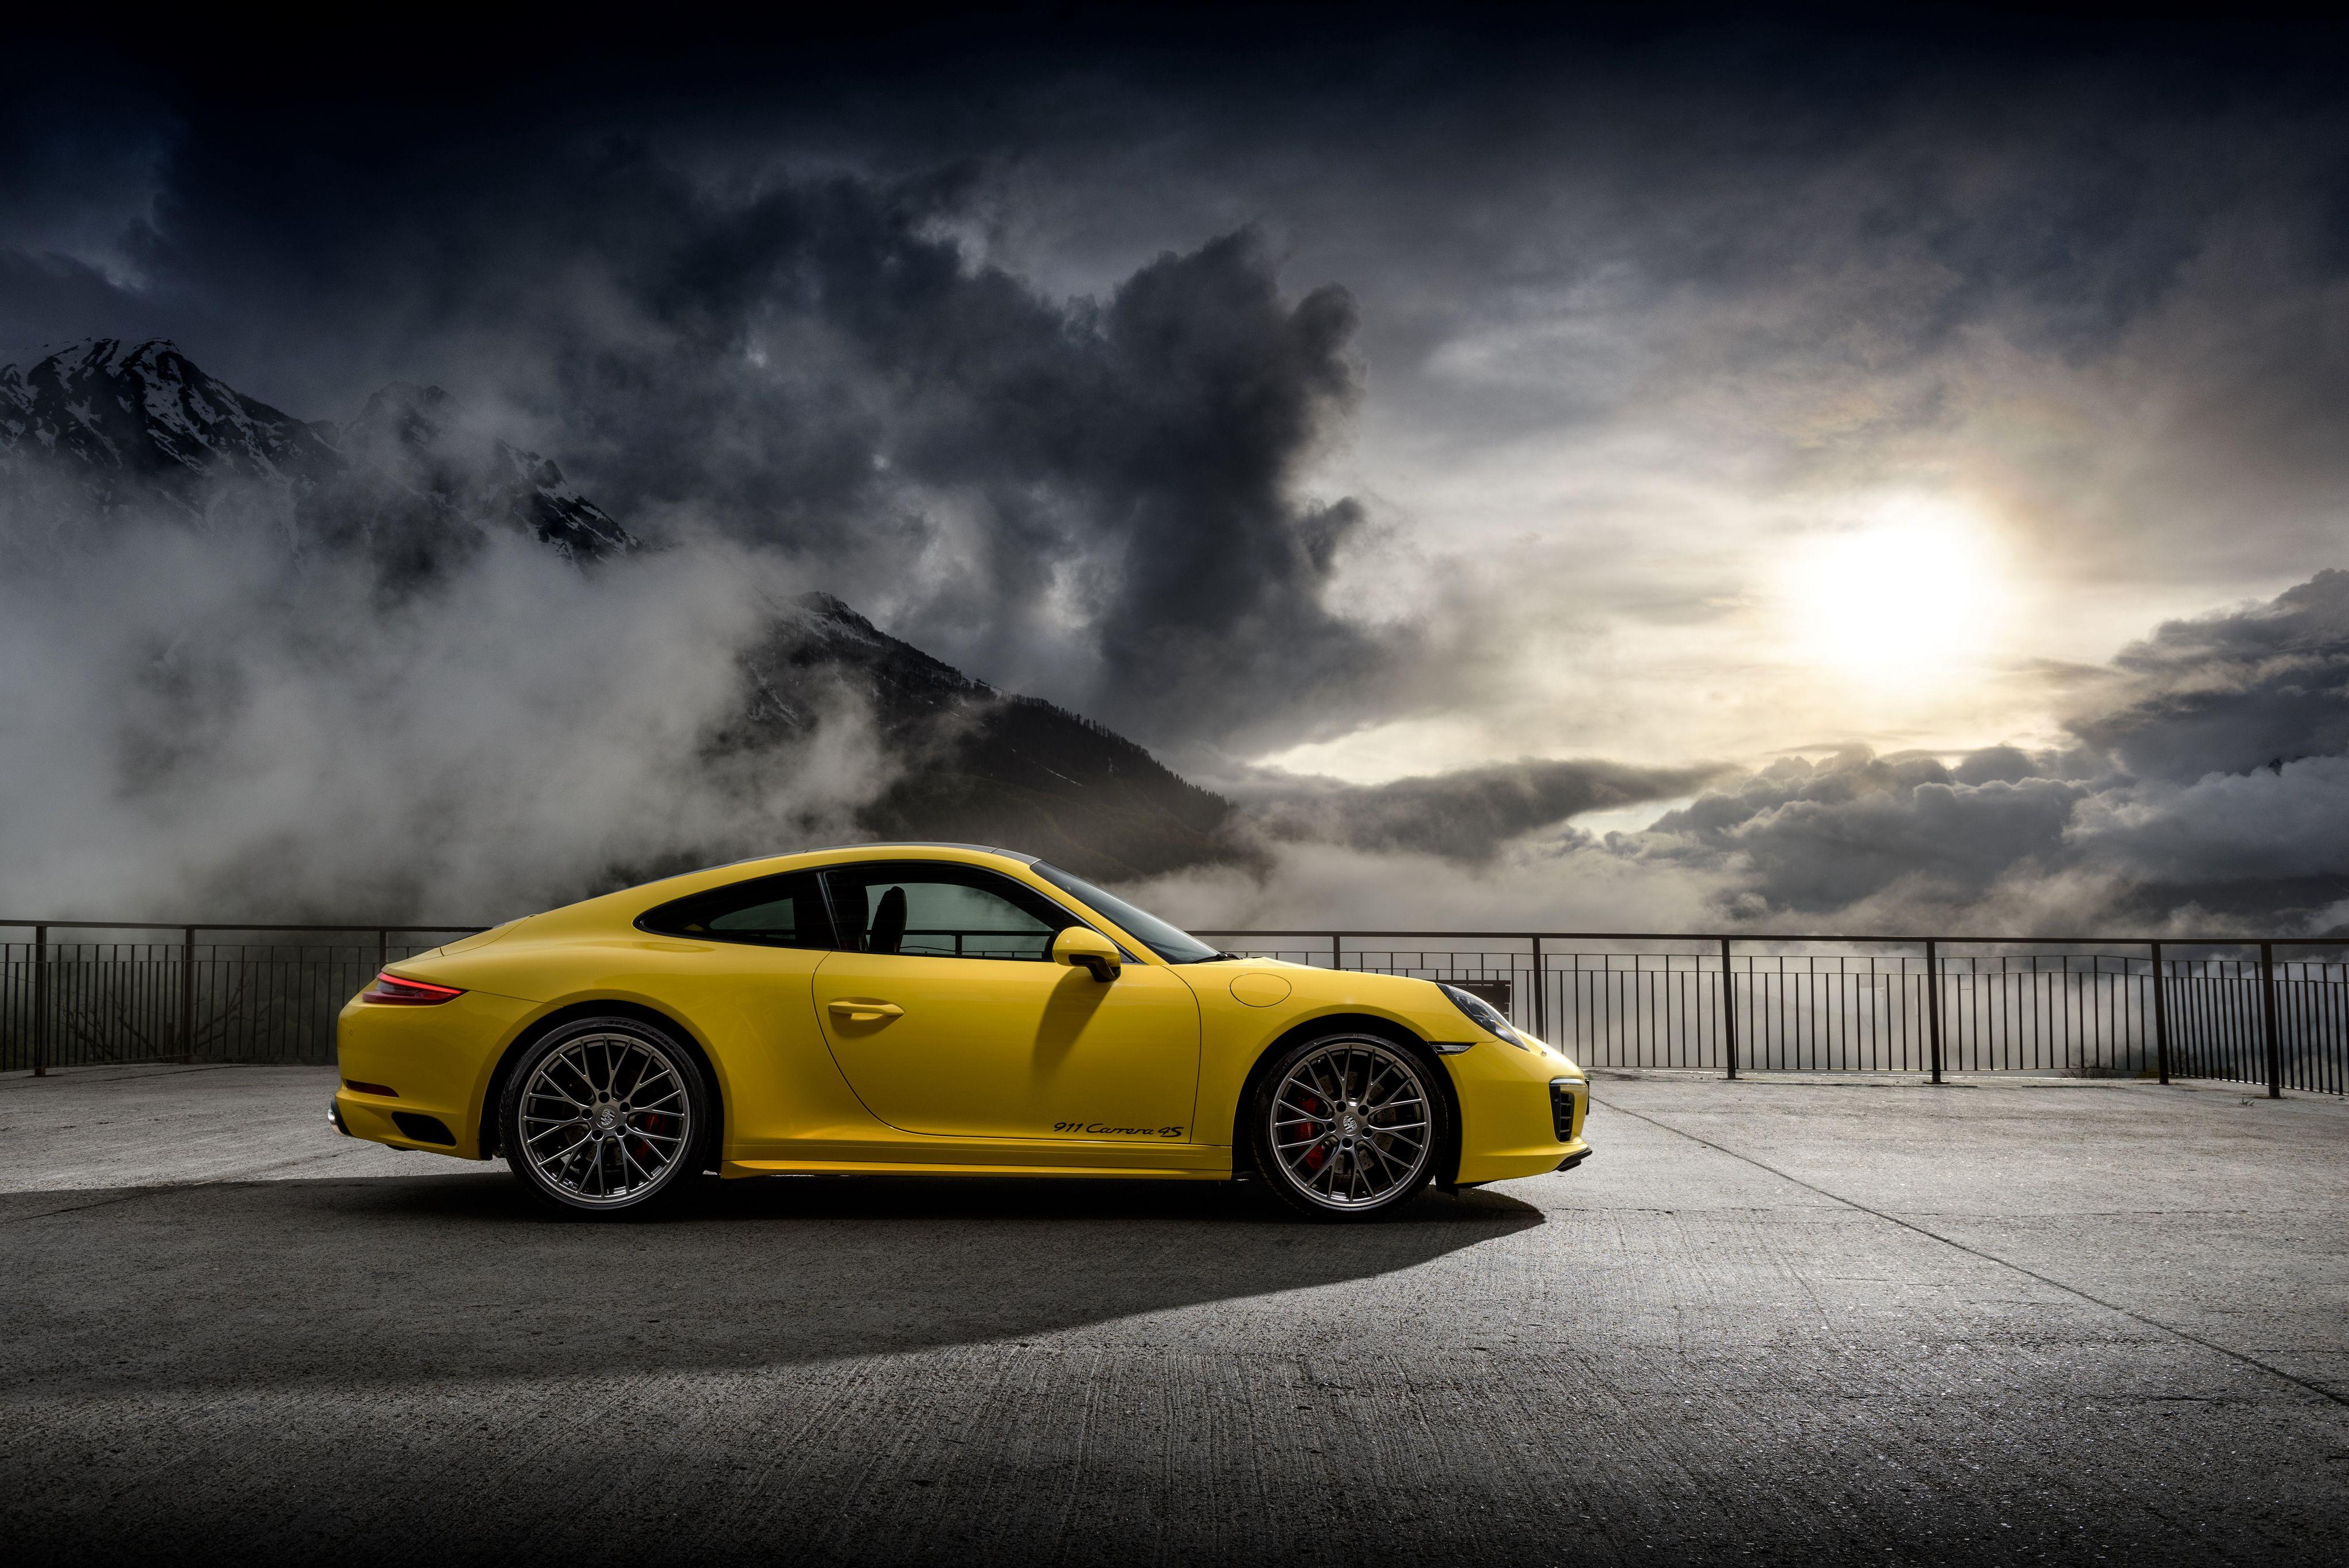 Porsche Carrera Wallpapers Wallpaper Cave